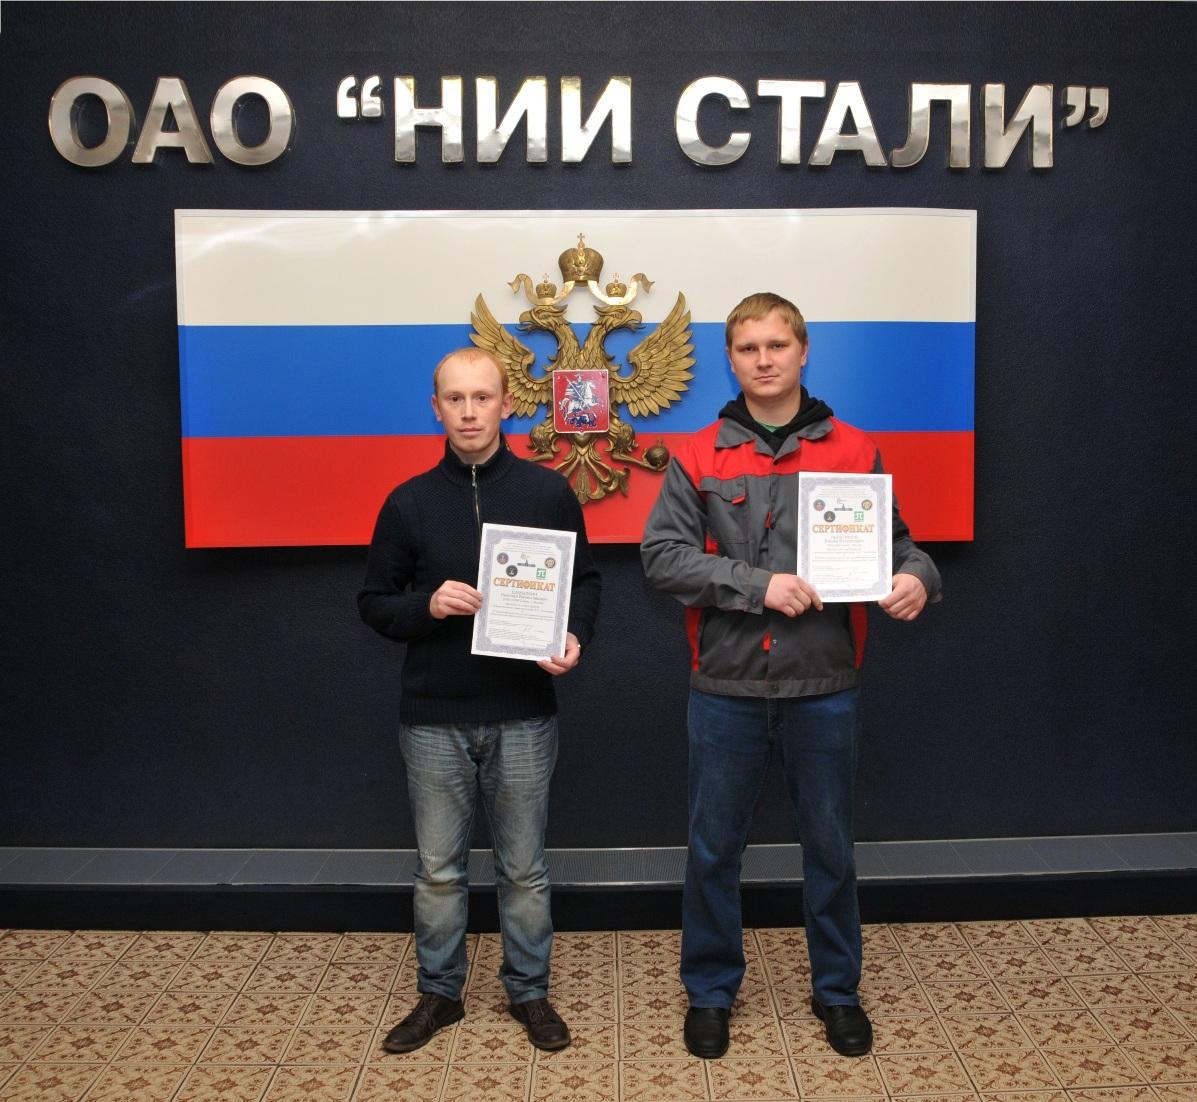 Аспиранты ОАО «НИИ стали» Самылкин Н.В. и Ибрагимов В.В.